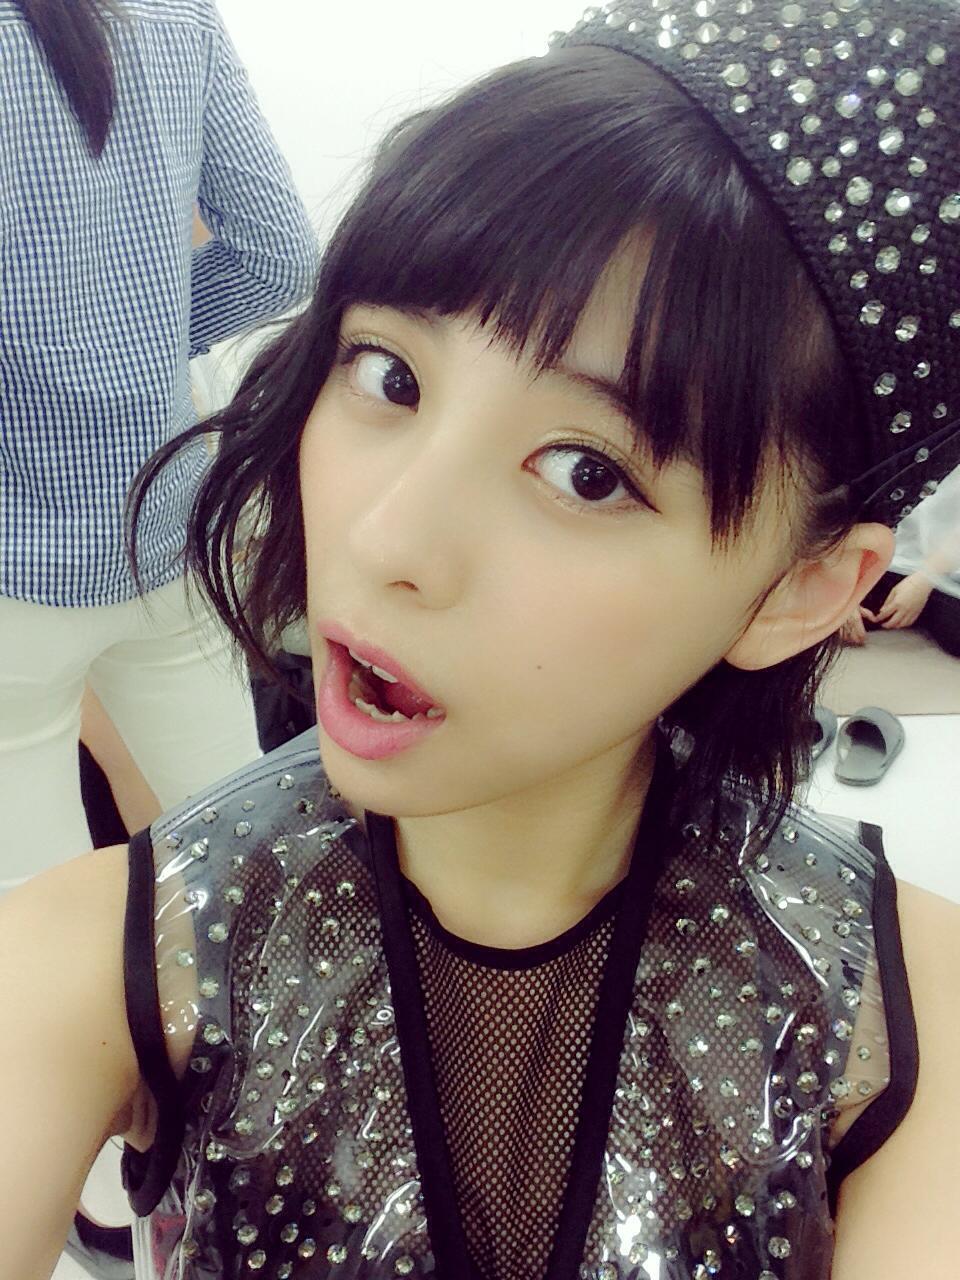 口を開けている田中美麗